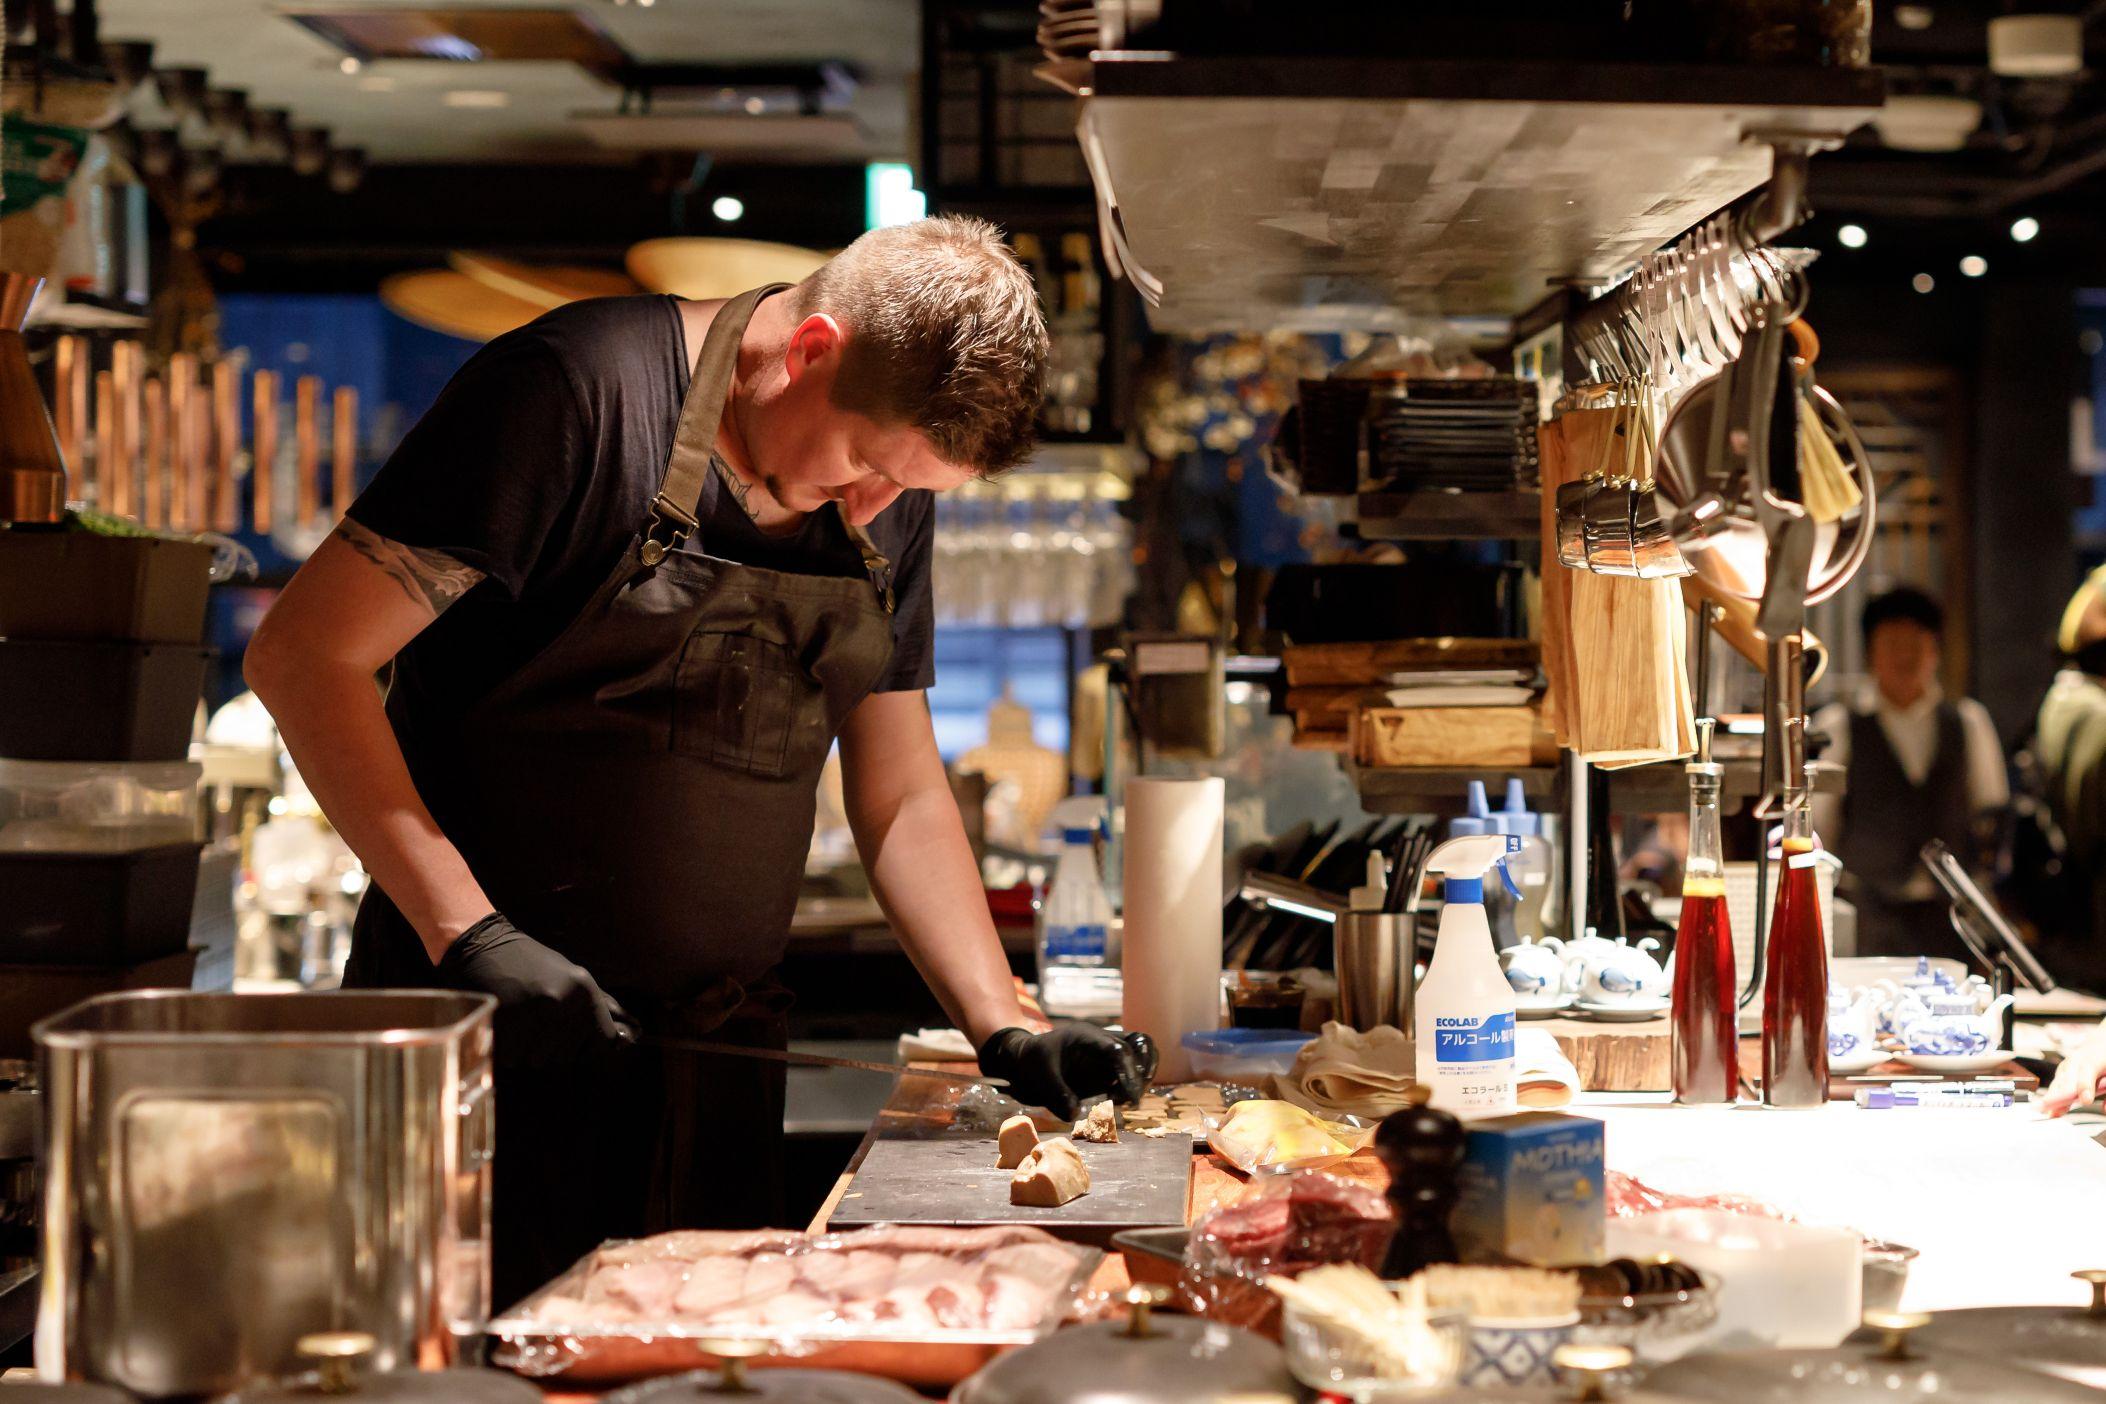 香ばしい炉端焼きでもてなす「ろばたの魚炉米」&4ジャンル超えた料理を楽しむ「GRAND KAZAN ~グランカザン~」 - MG 2181 1